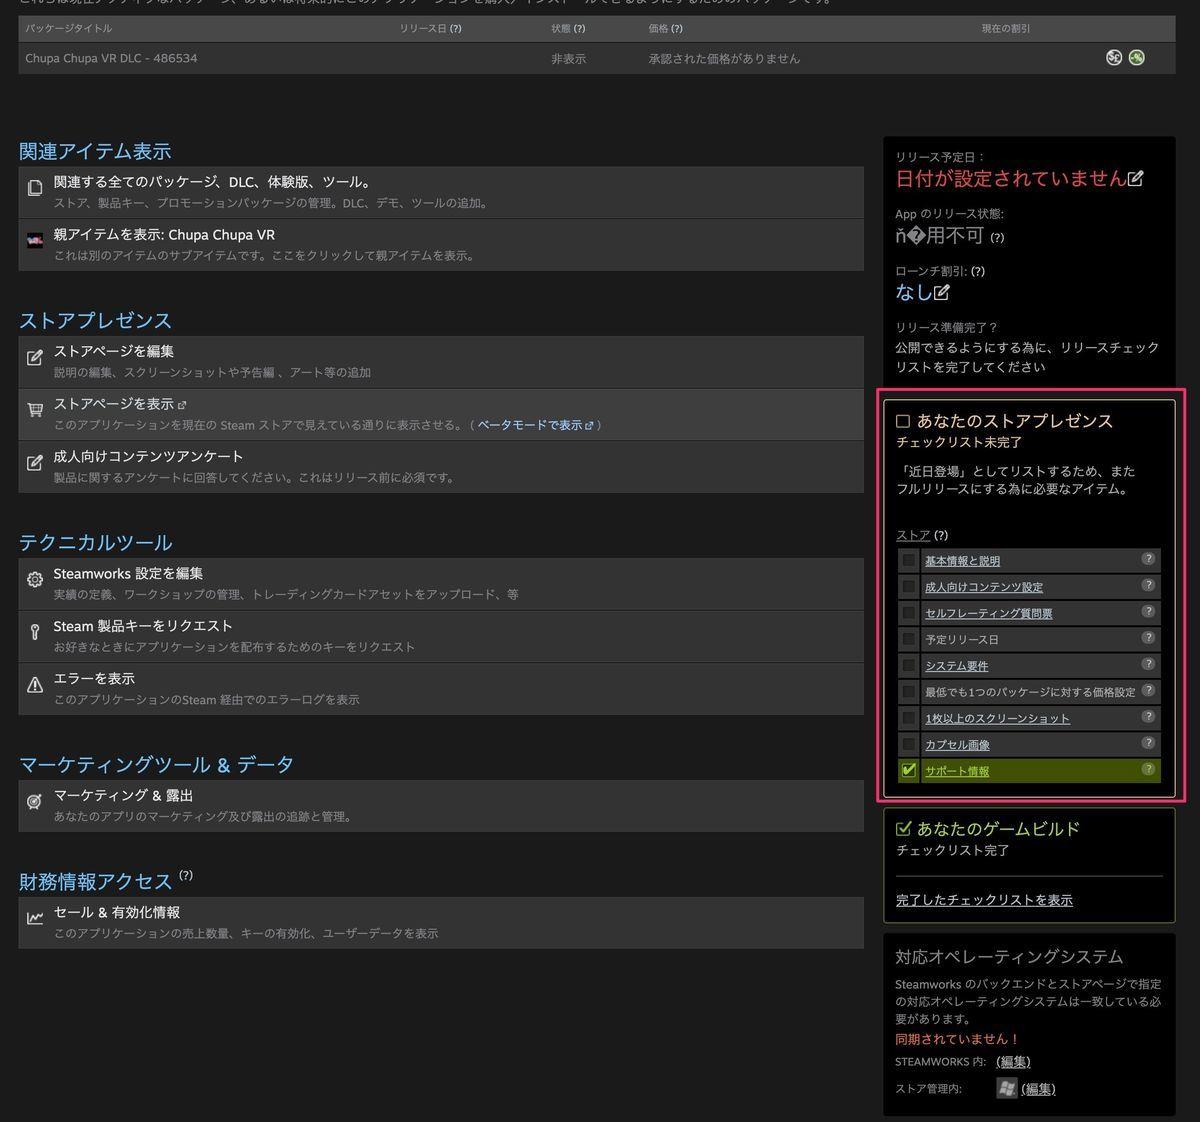 f:id:kan_kikuchi:20200803065916j:plain